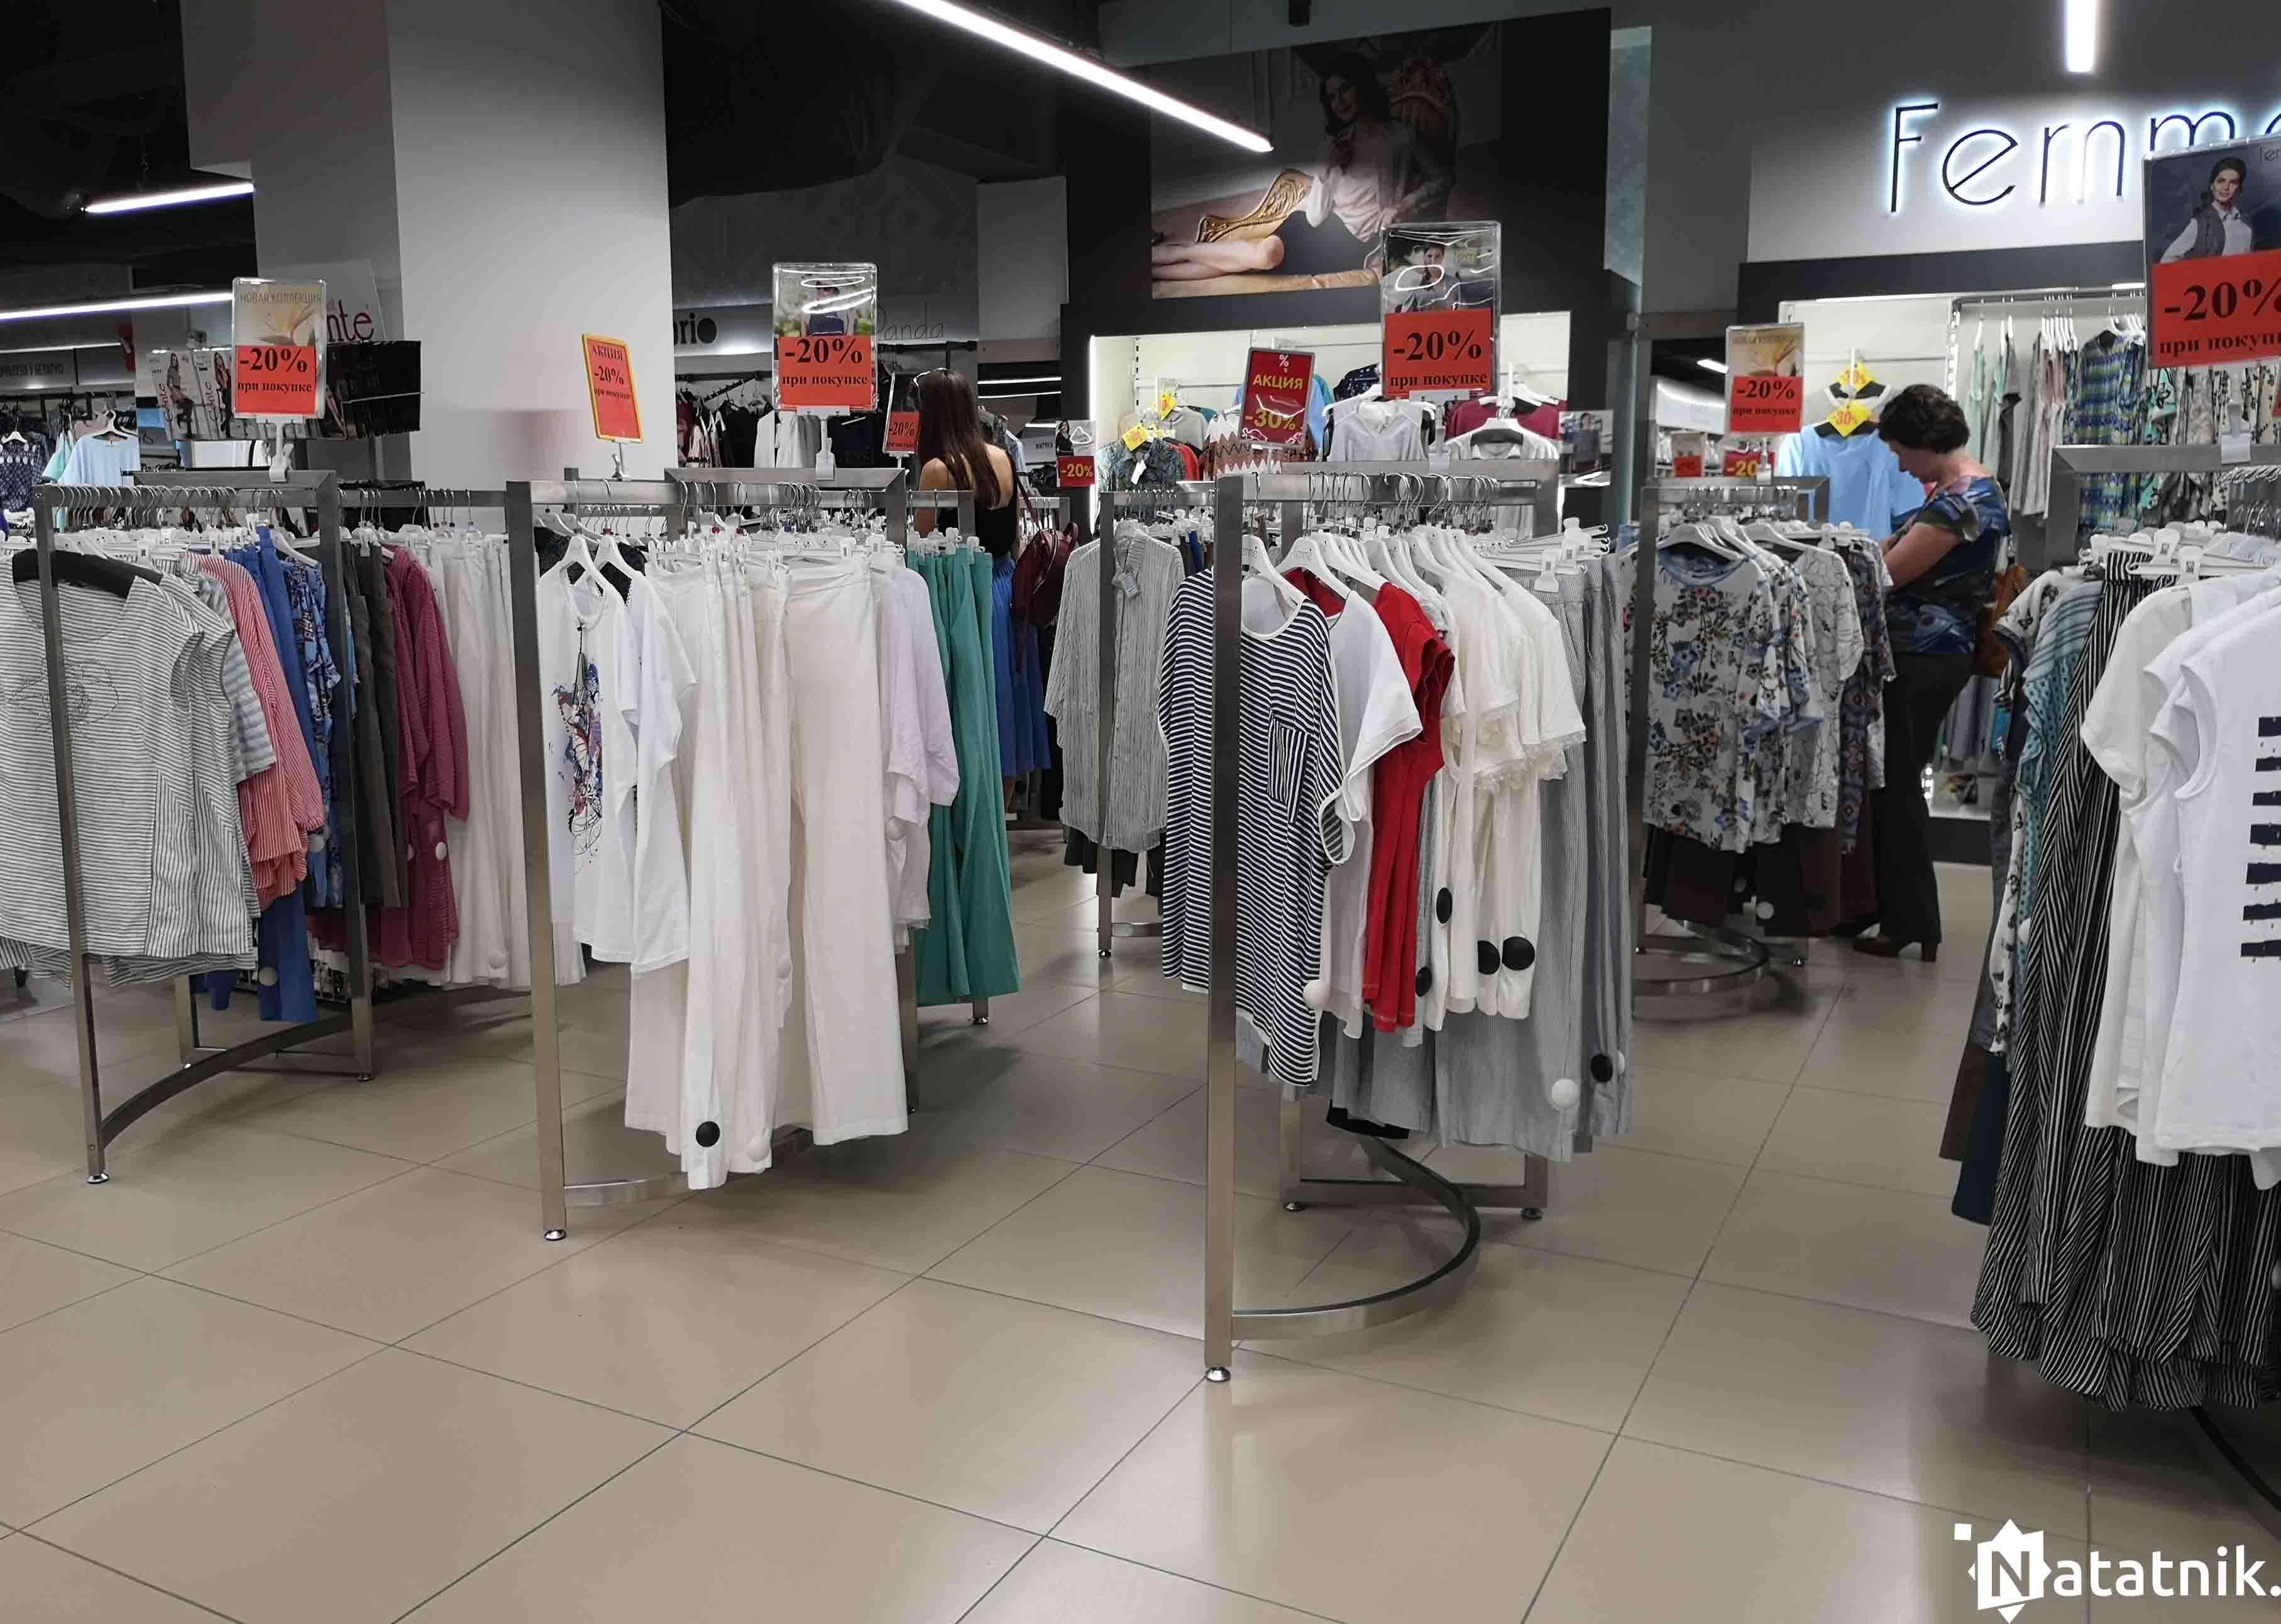 061fbb3052a Где в Бресте купить летнюю одежду на скидках - Natatnik